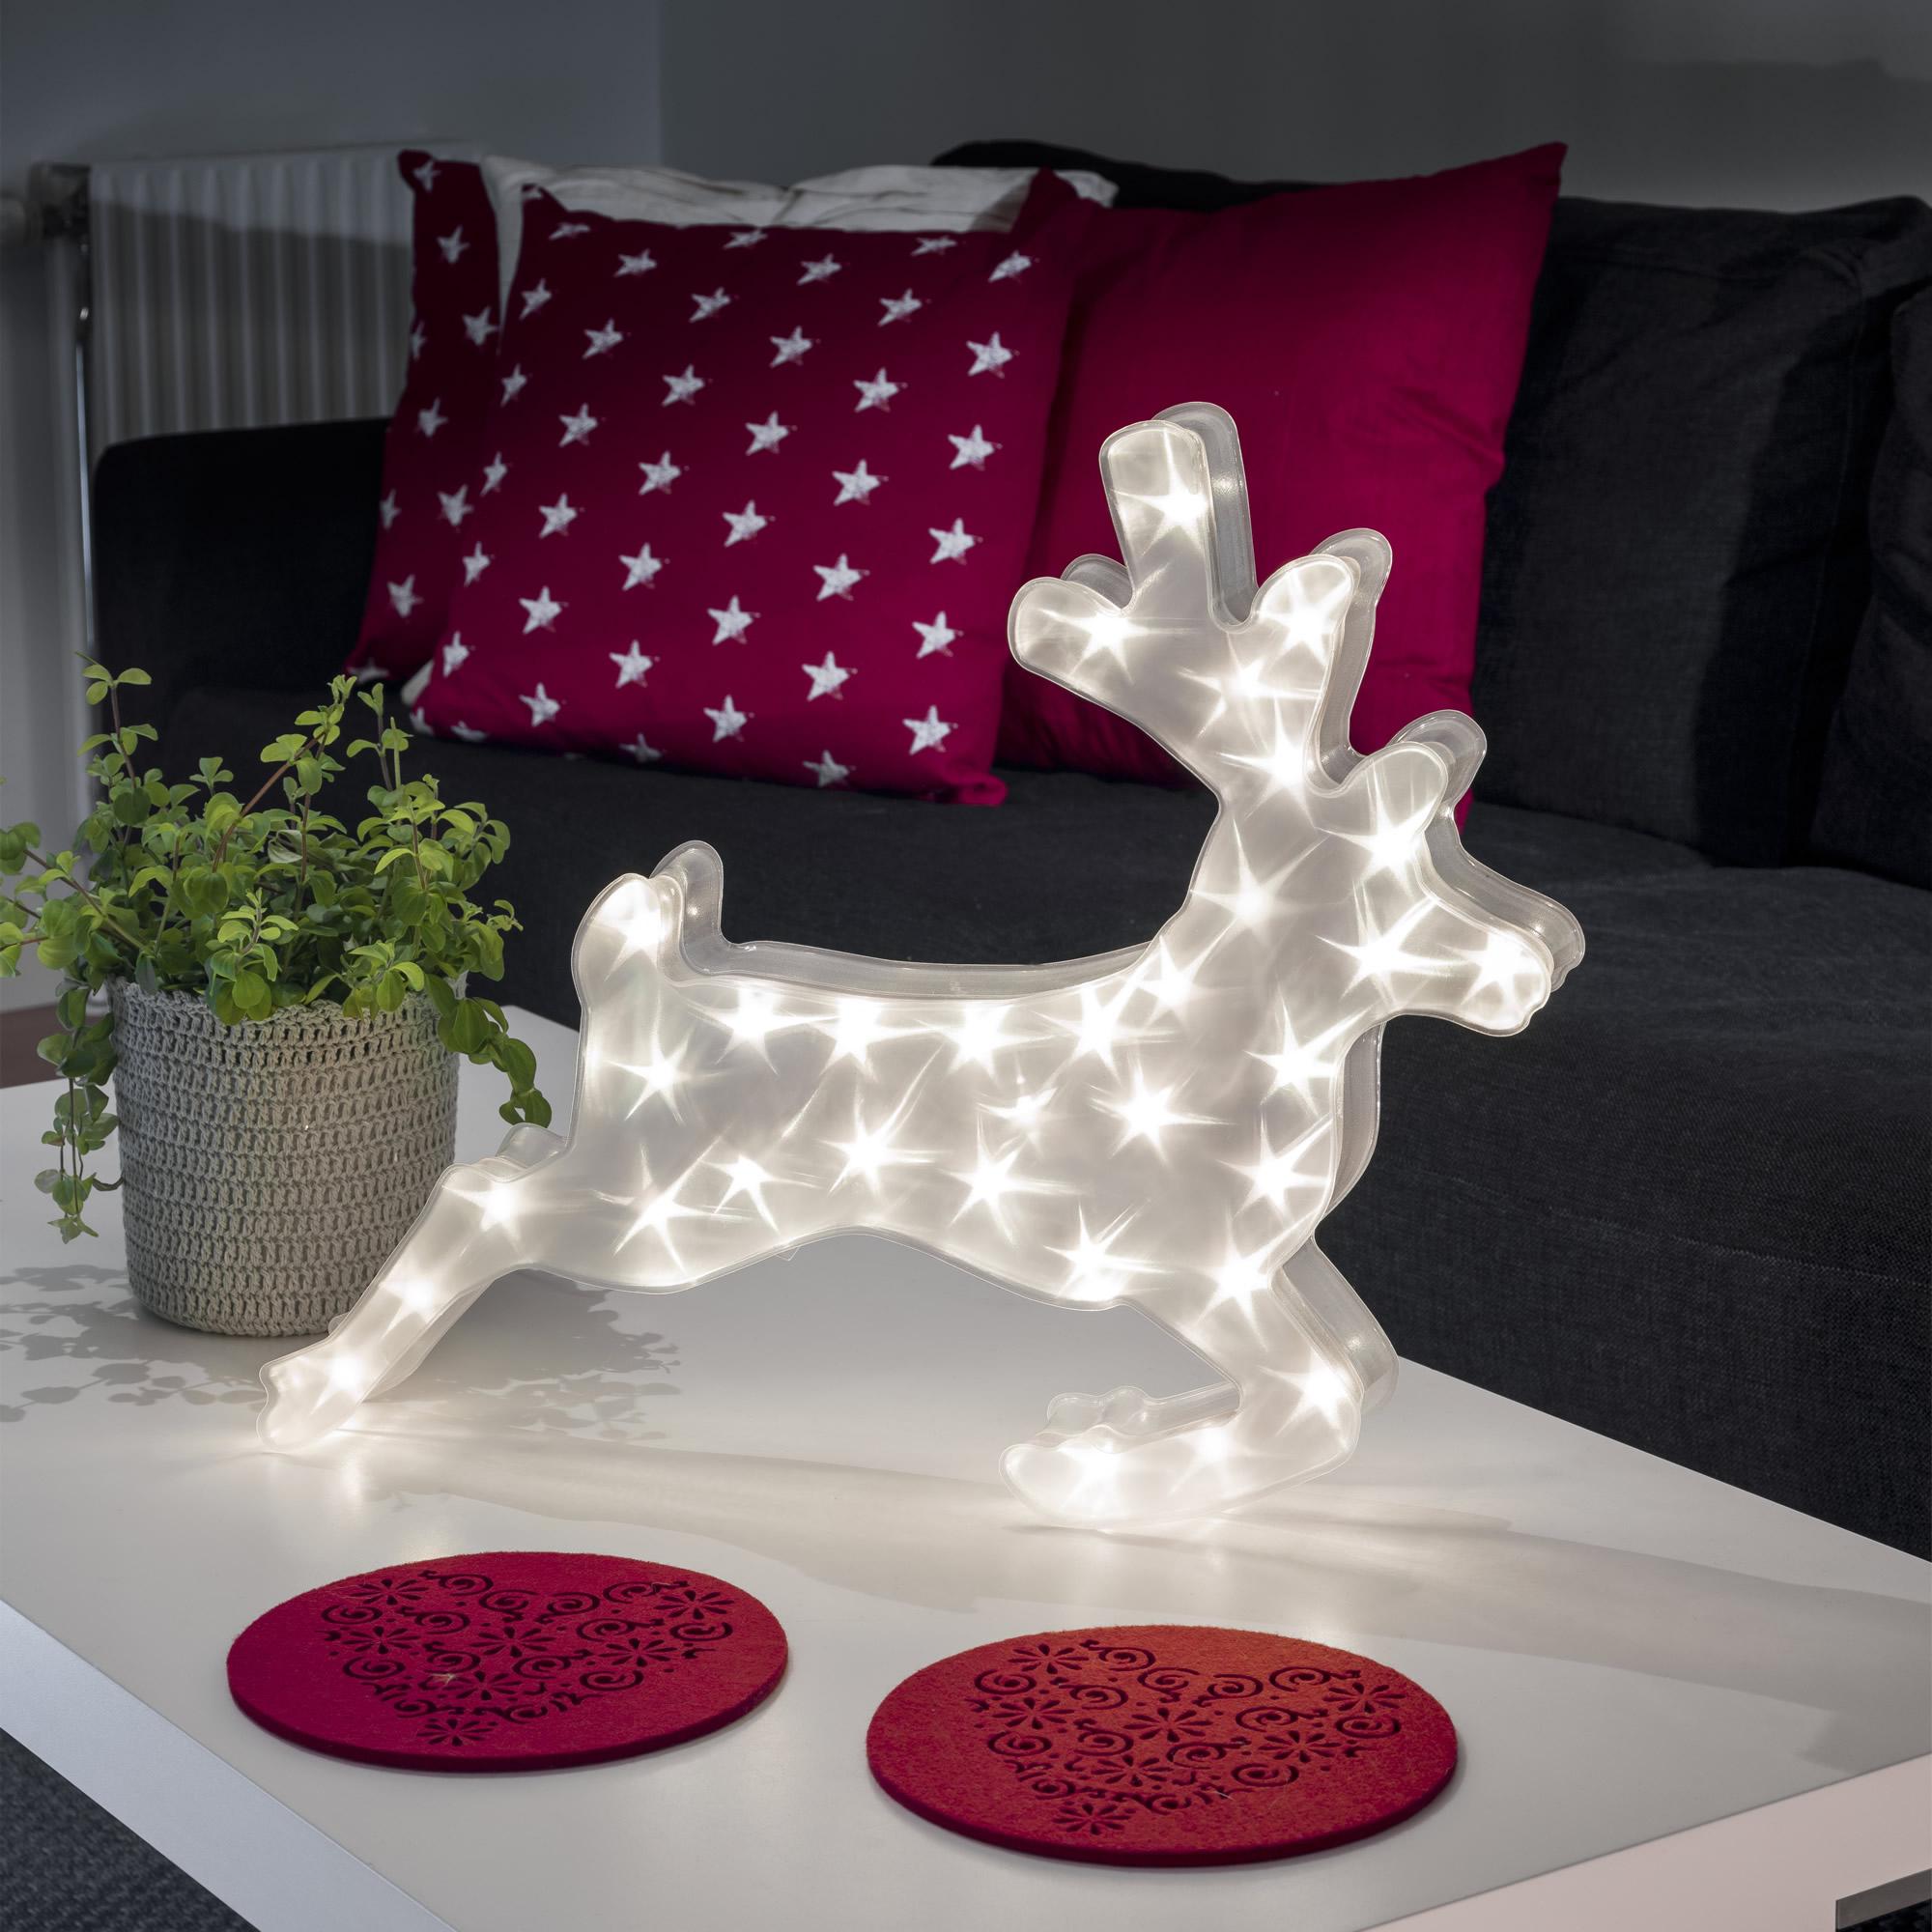 Konstsmide LED Kunstoffrentier, mit Sterneffekt, 32 warmweiße LEDs 2787-103